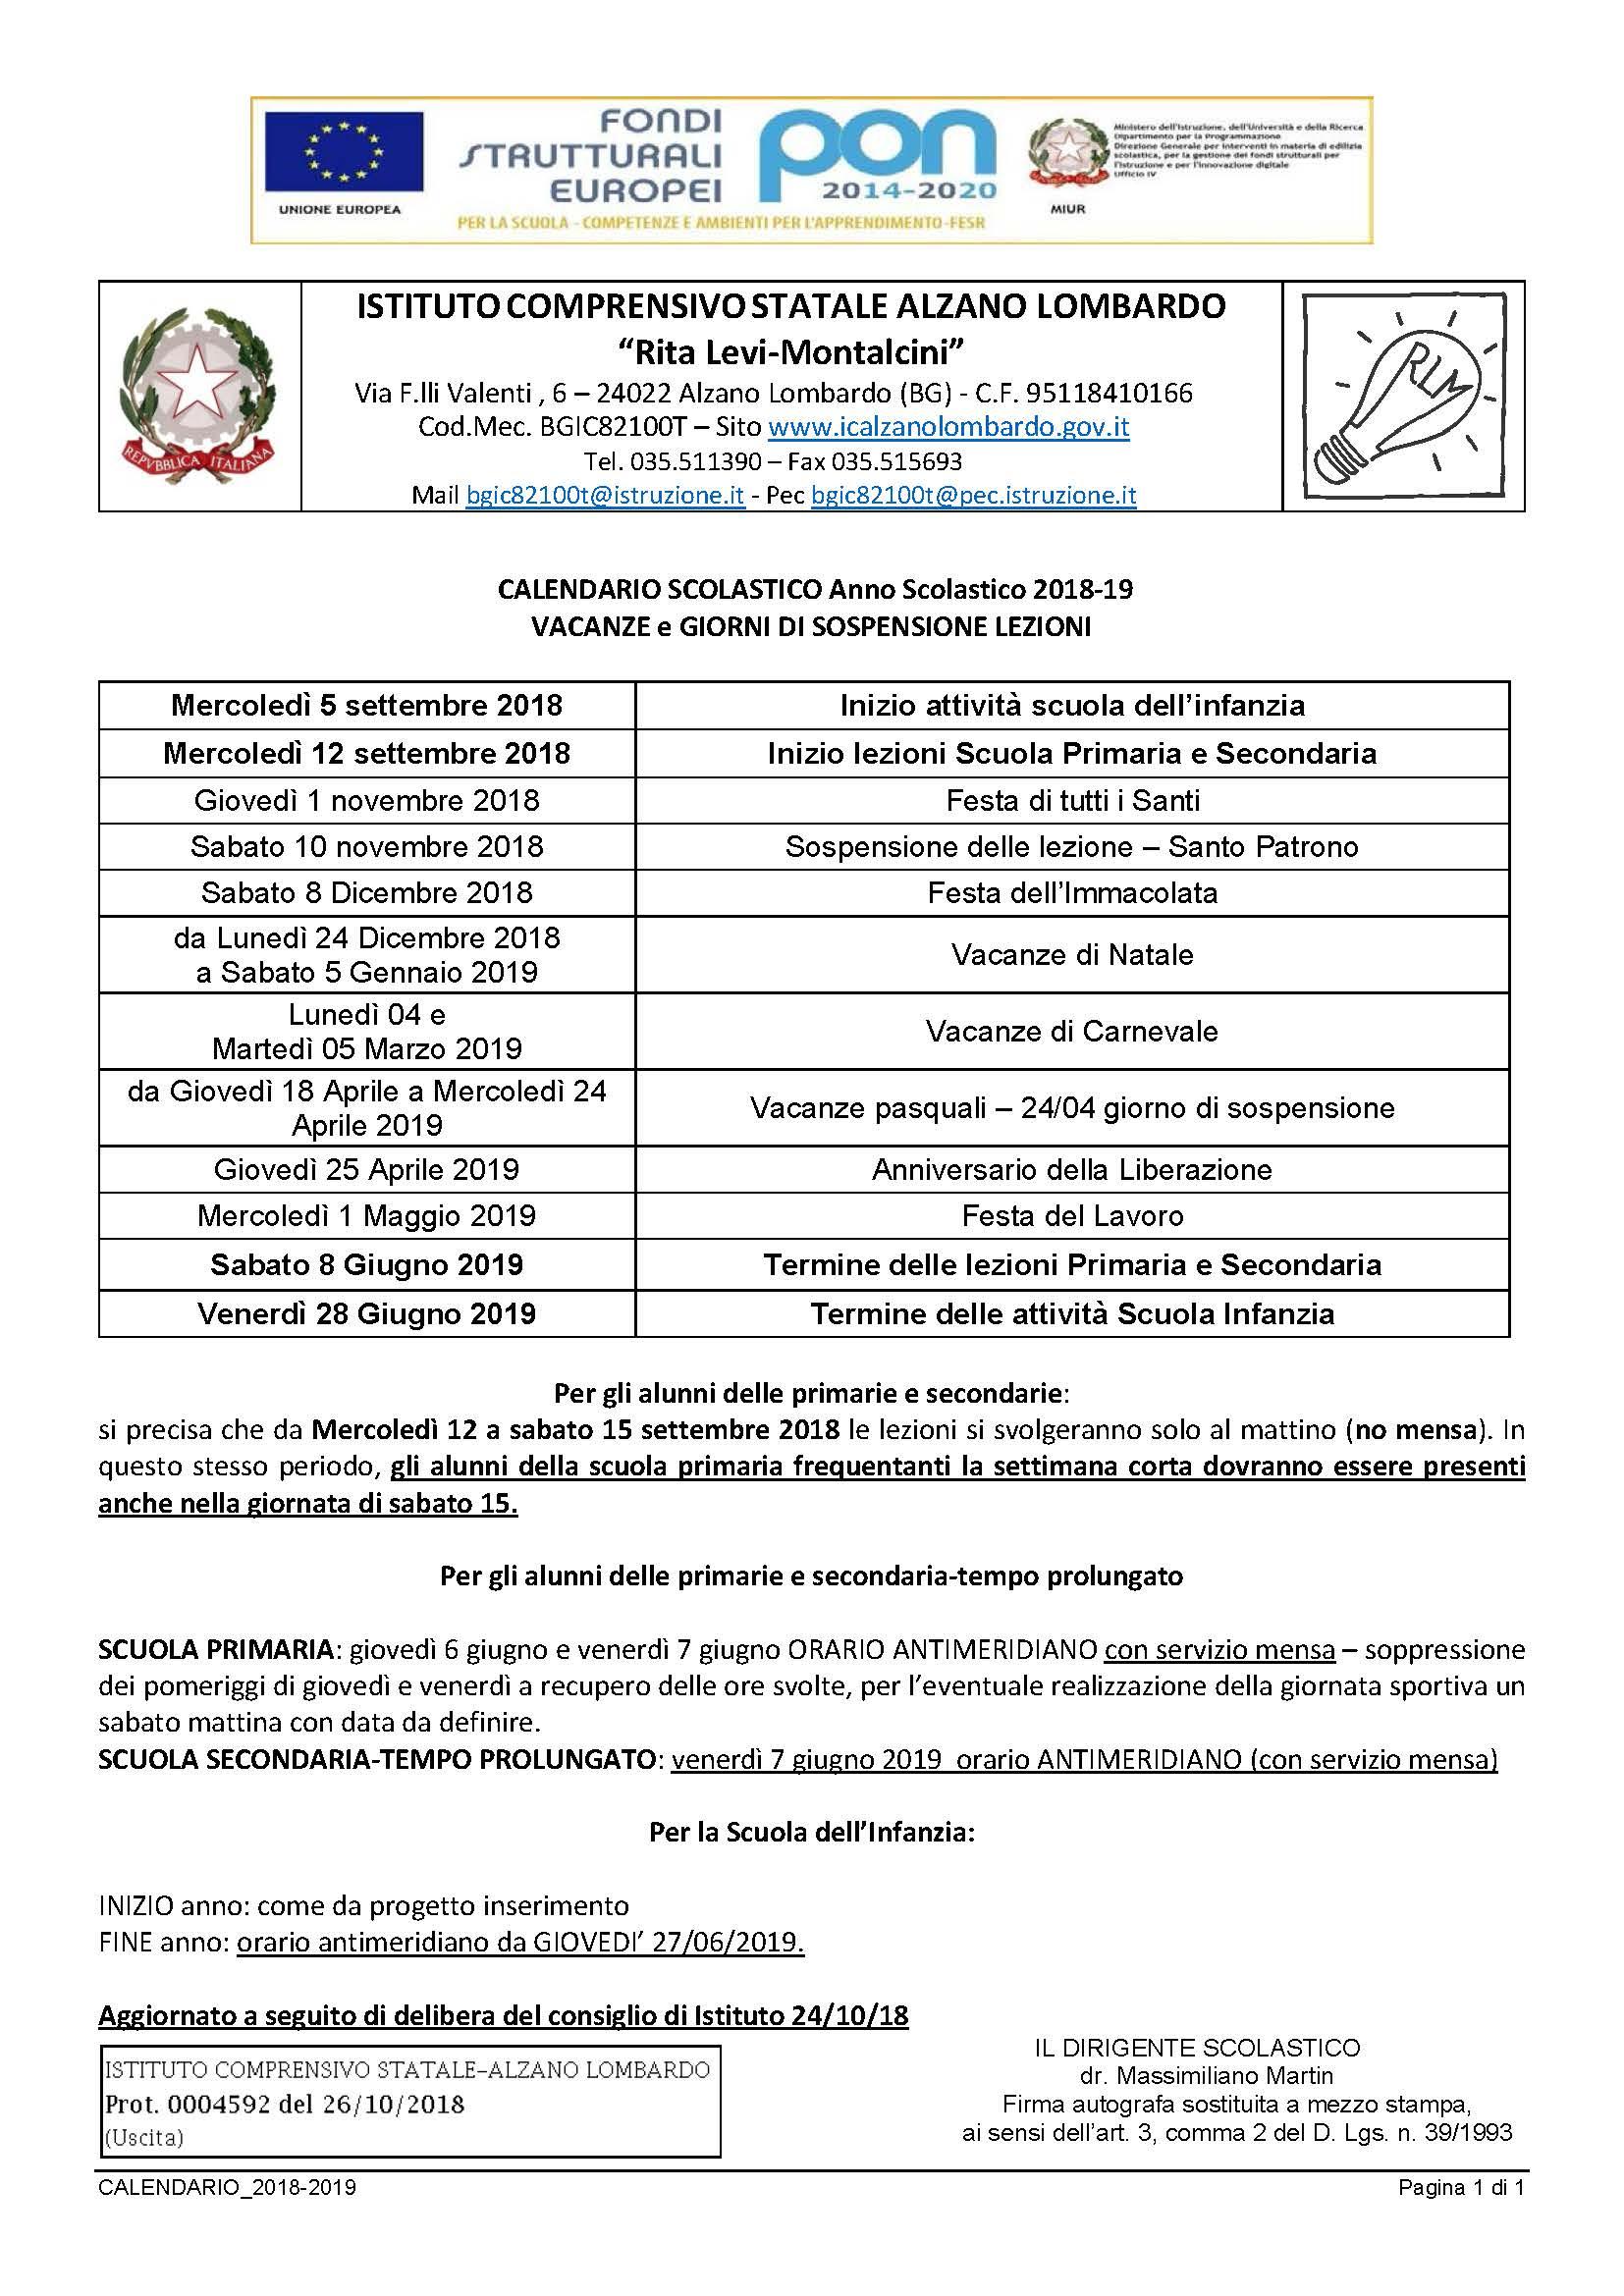 Calendario Scolastico Lombardia 2020 20.Calendario Scolastico Istituto Comprensivo Rita Levi